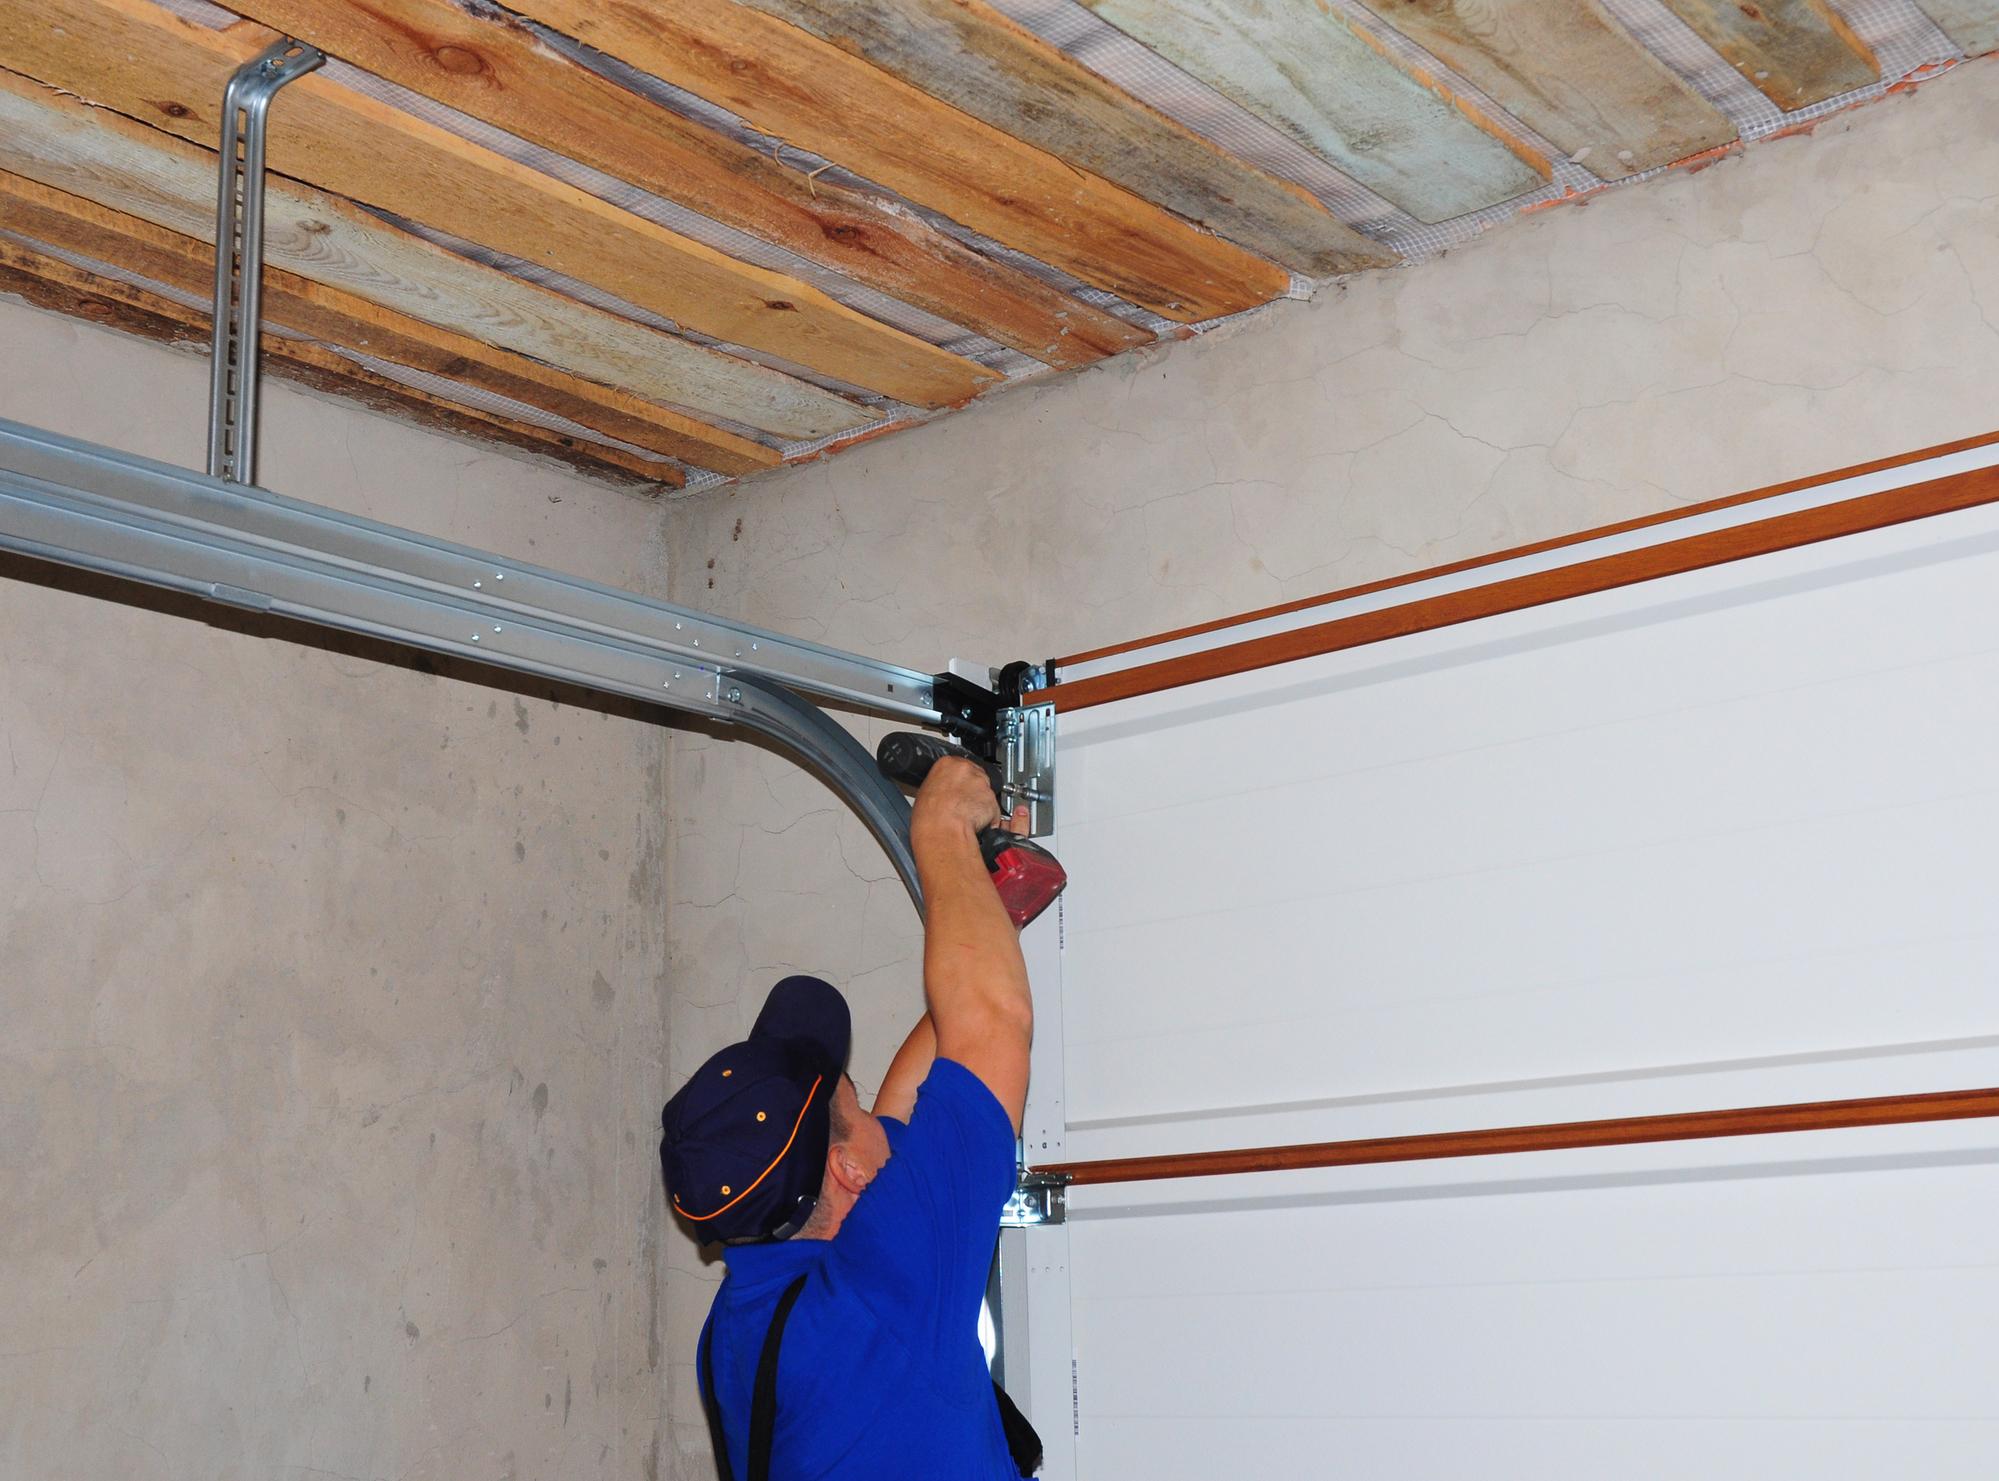 Garage door repair services being performed in Lees Summit, MO